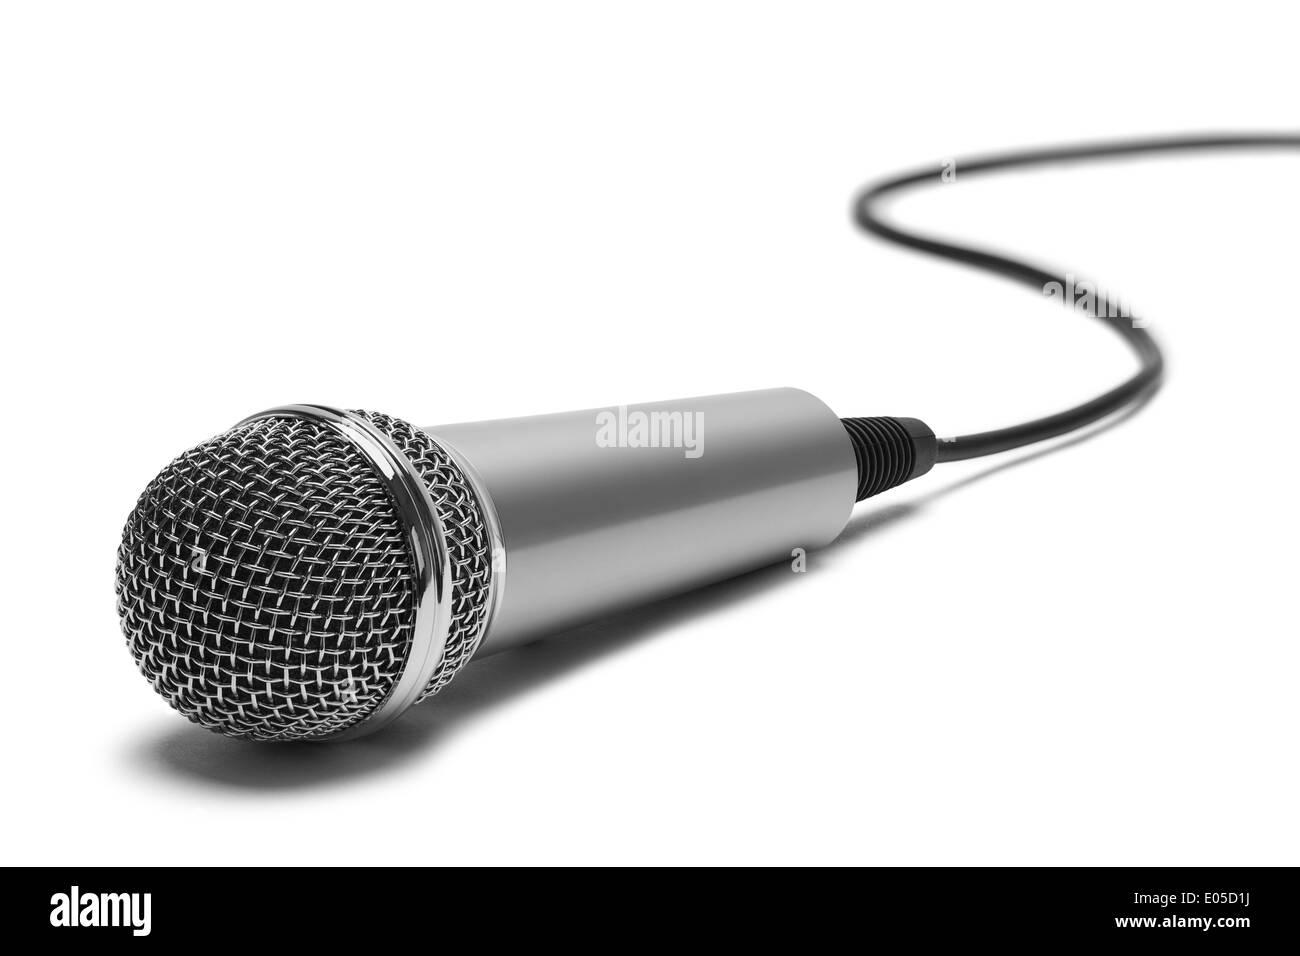 La musique d'argent avec cordon Microphone isolé sur fond blanc. Photo Stock